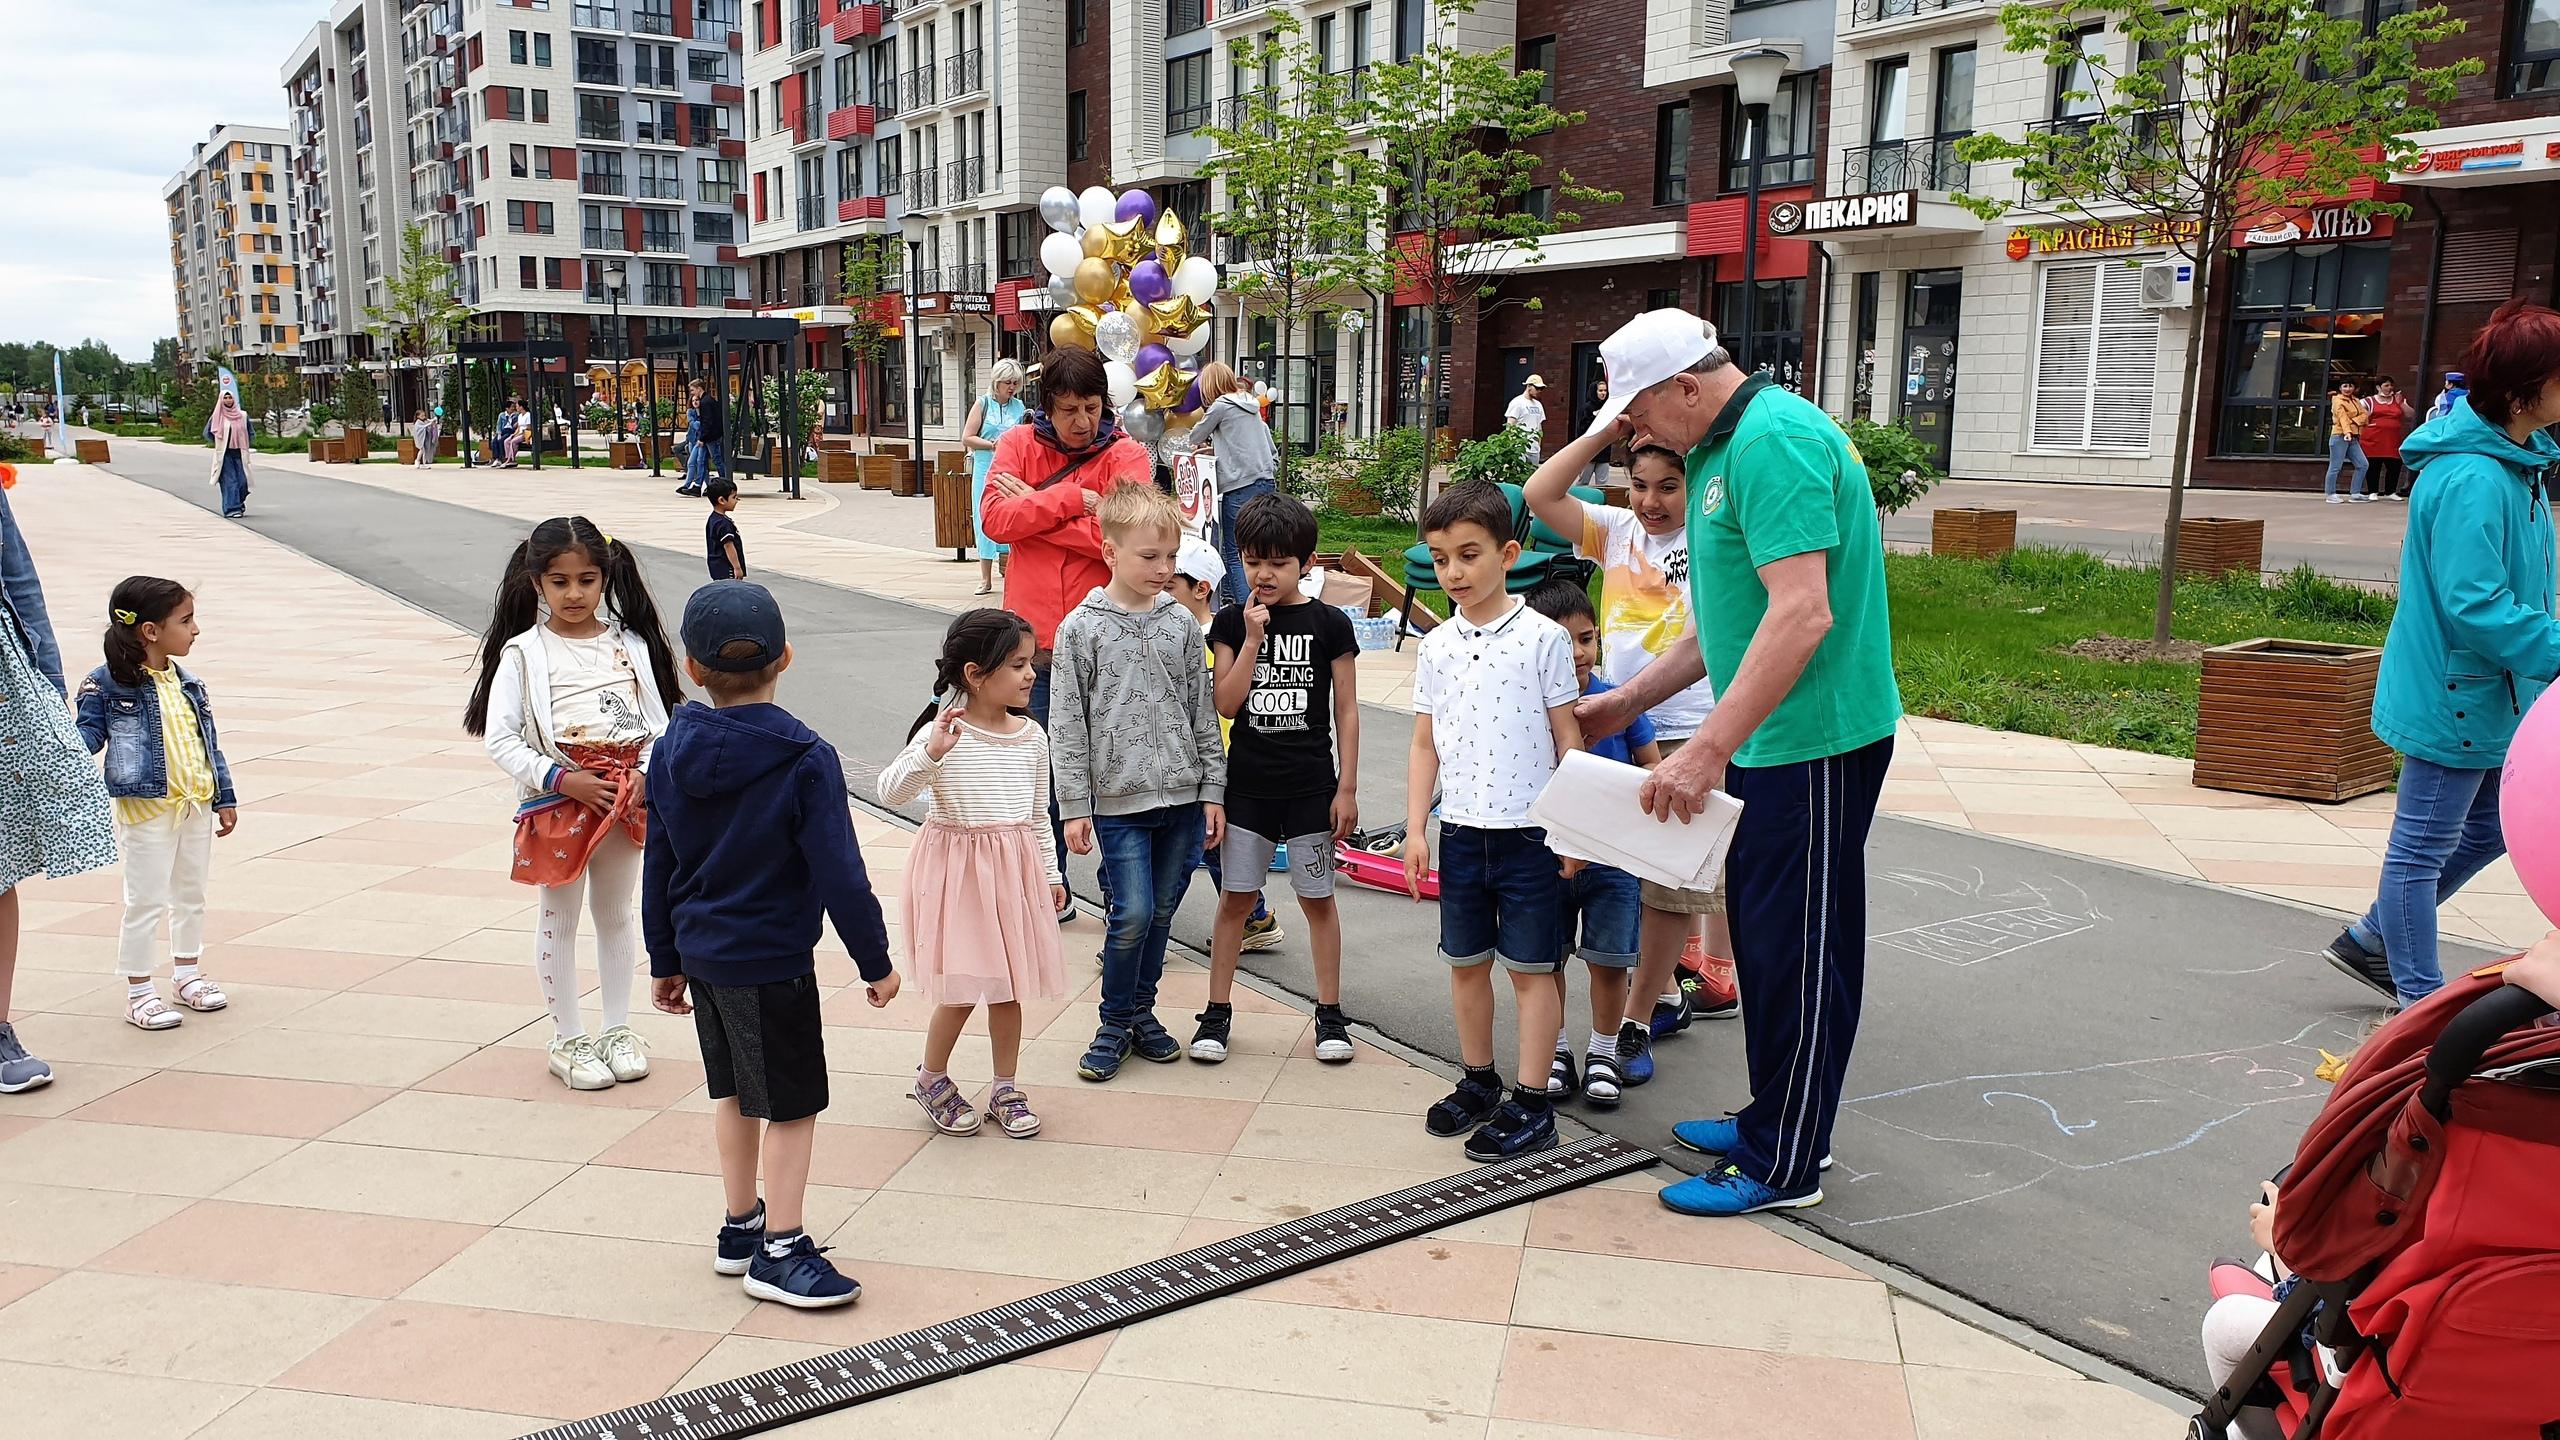 Спортивный праздник провели сотрудники Сосенского центра спорта